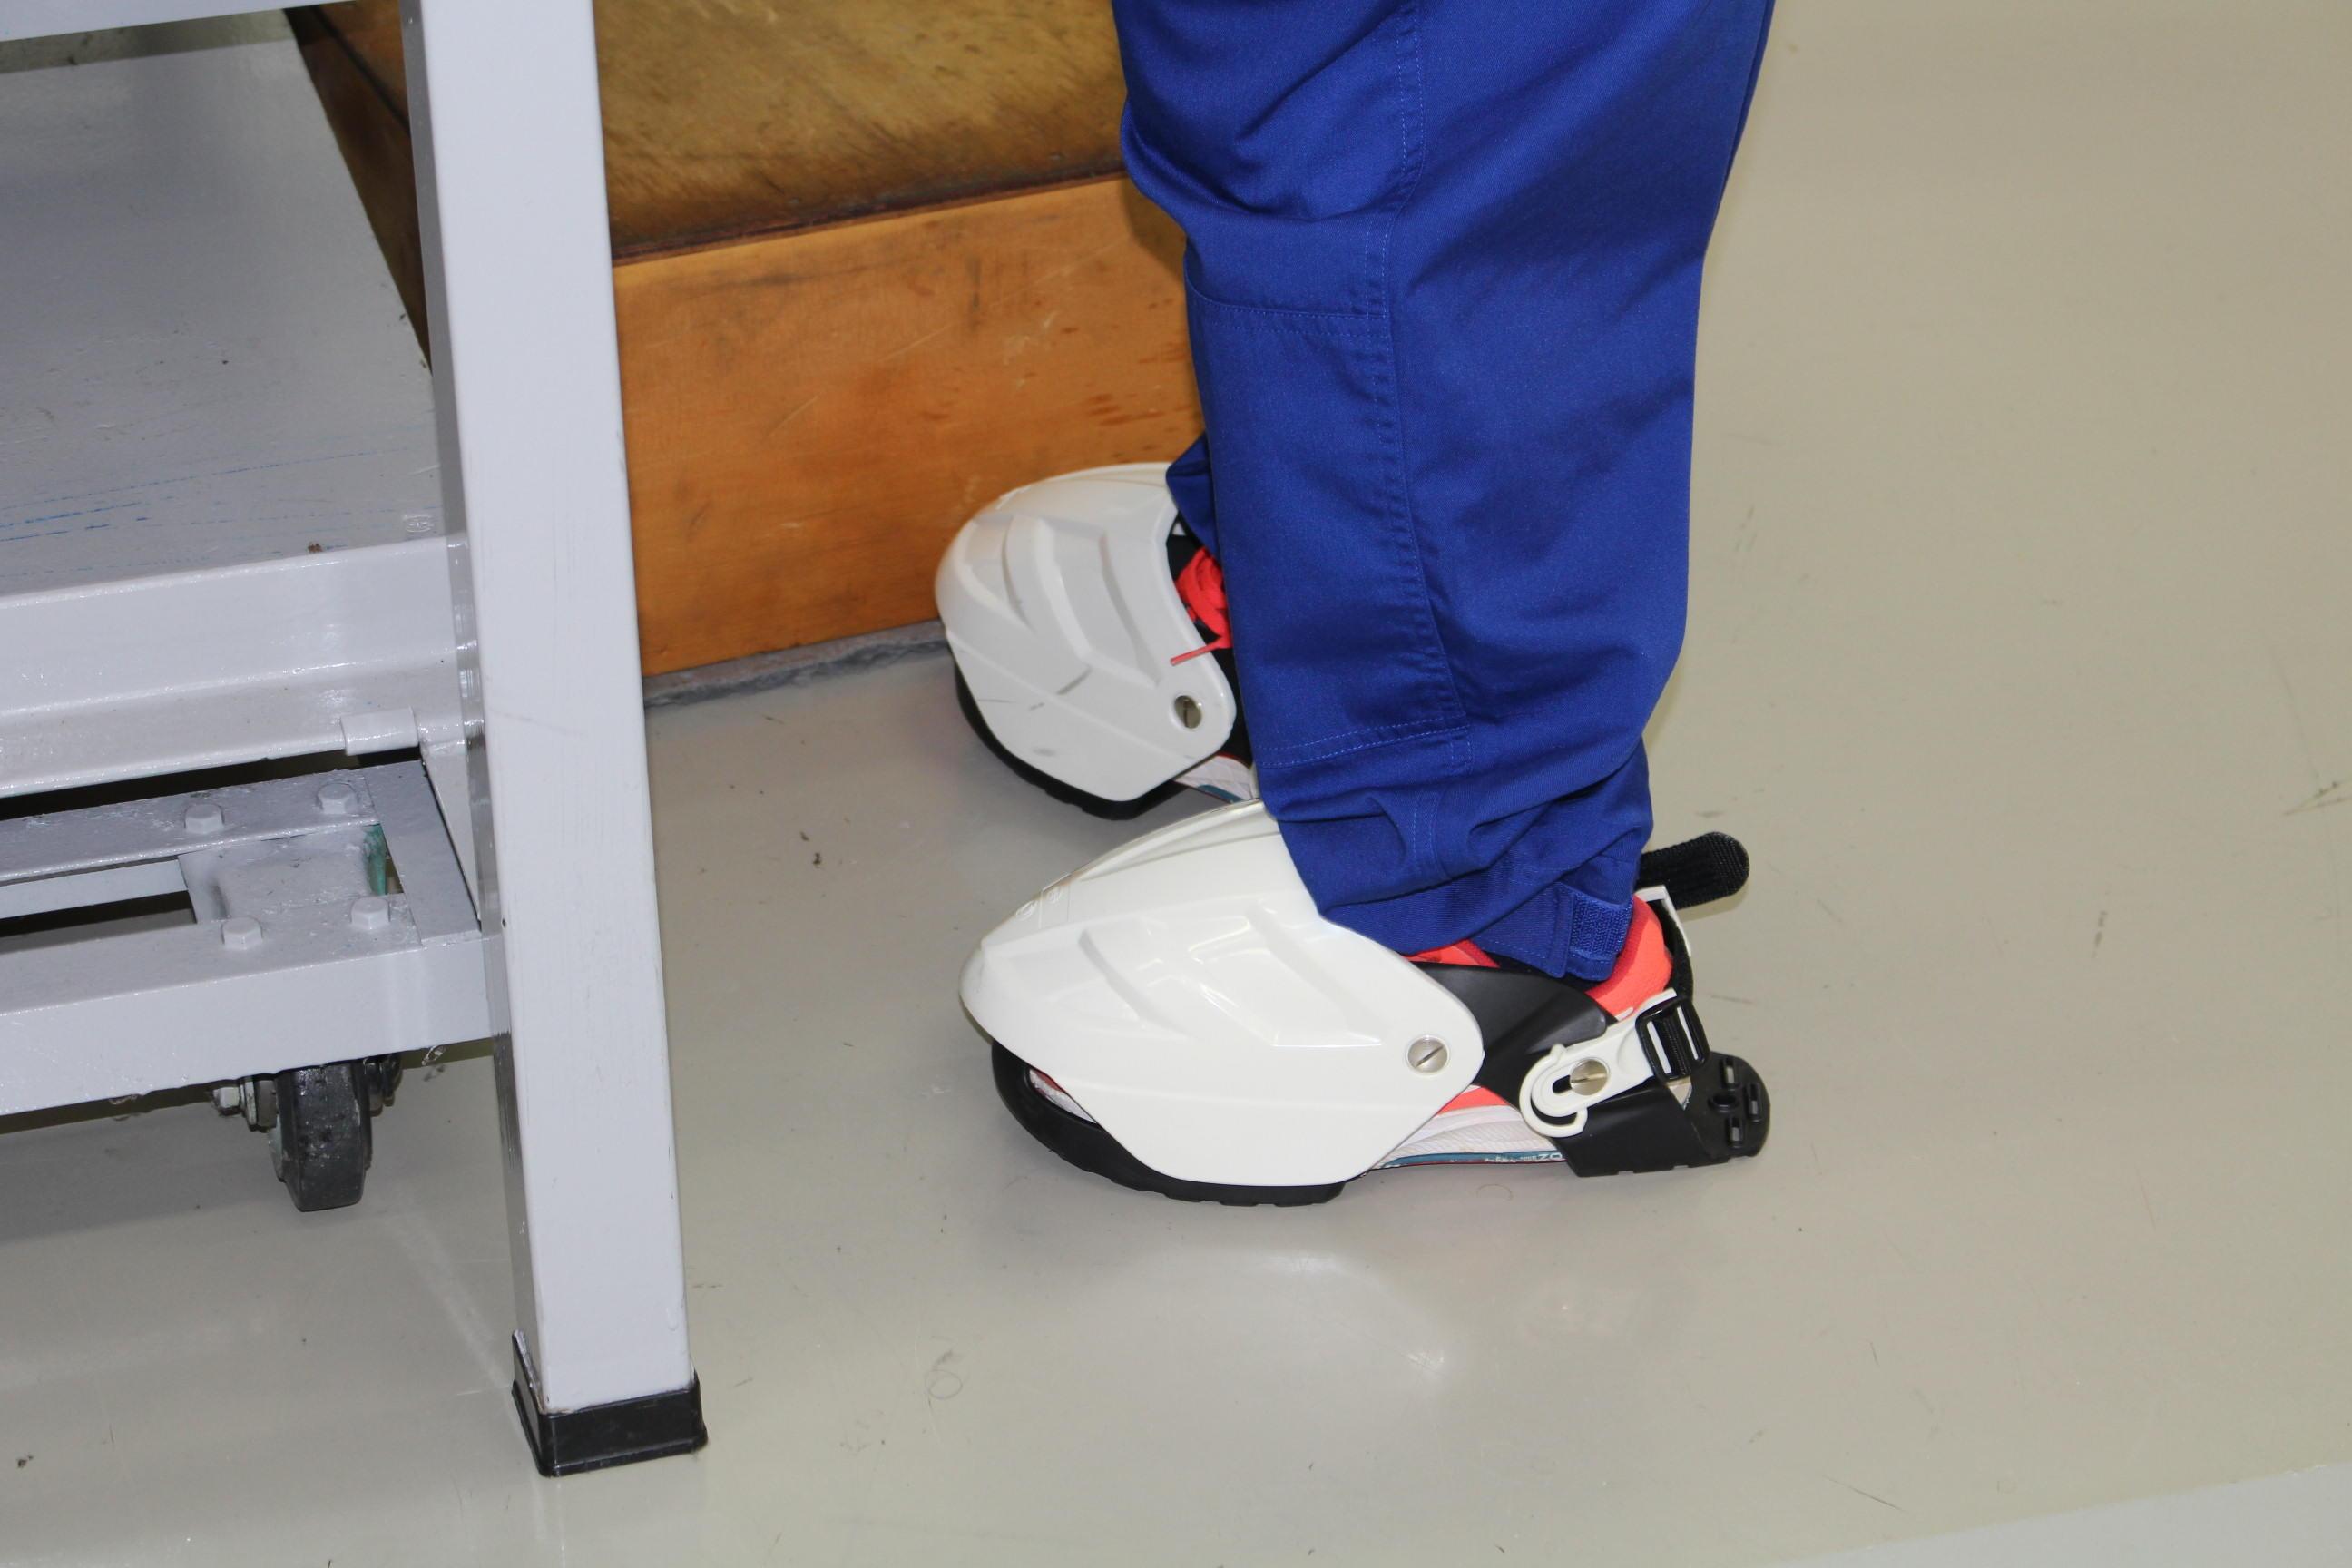 運動靴の上から装着すれば、万が一部品や工具が足に落ちても怪我を防げるので安心なのです◎